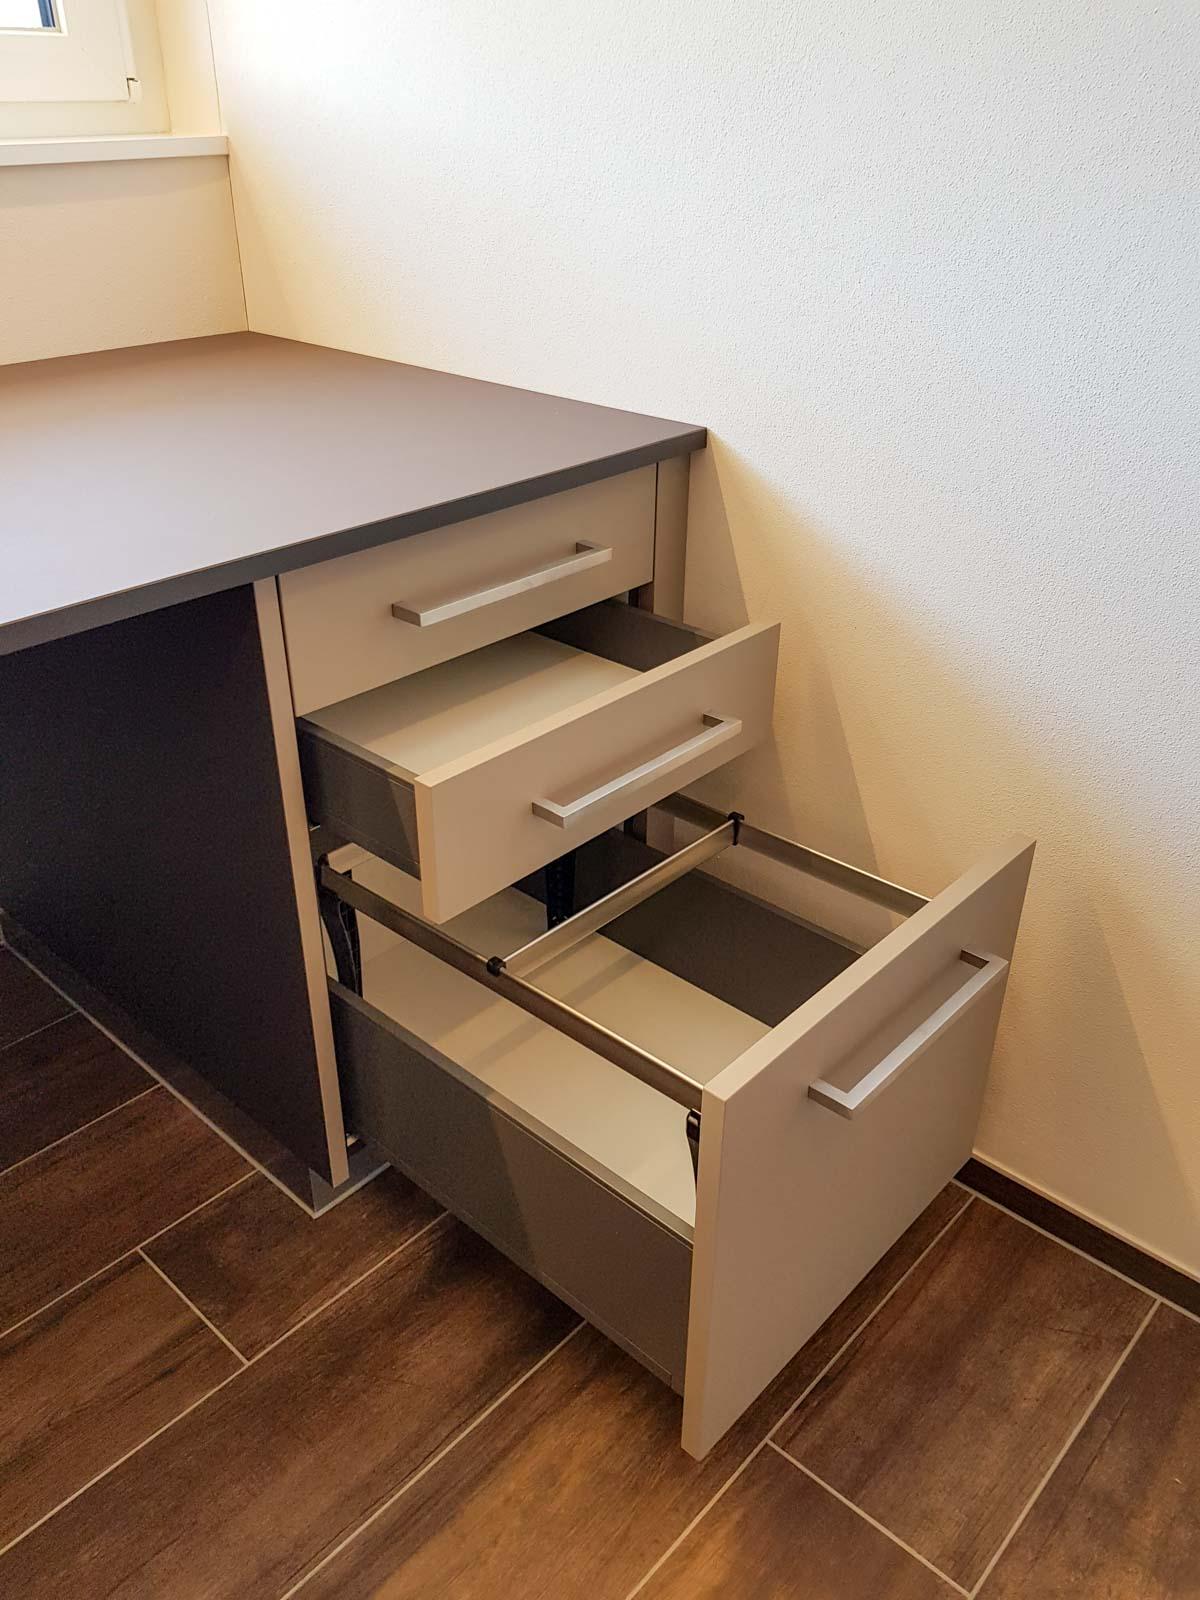 Wooddesign_Büro_Homeoffice_Schreibtisch_höhenverstellbar_Regal_Schubladen_Wandschrank_Glastüre (6)